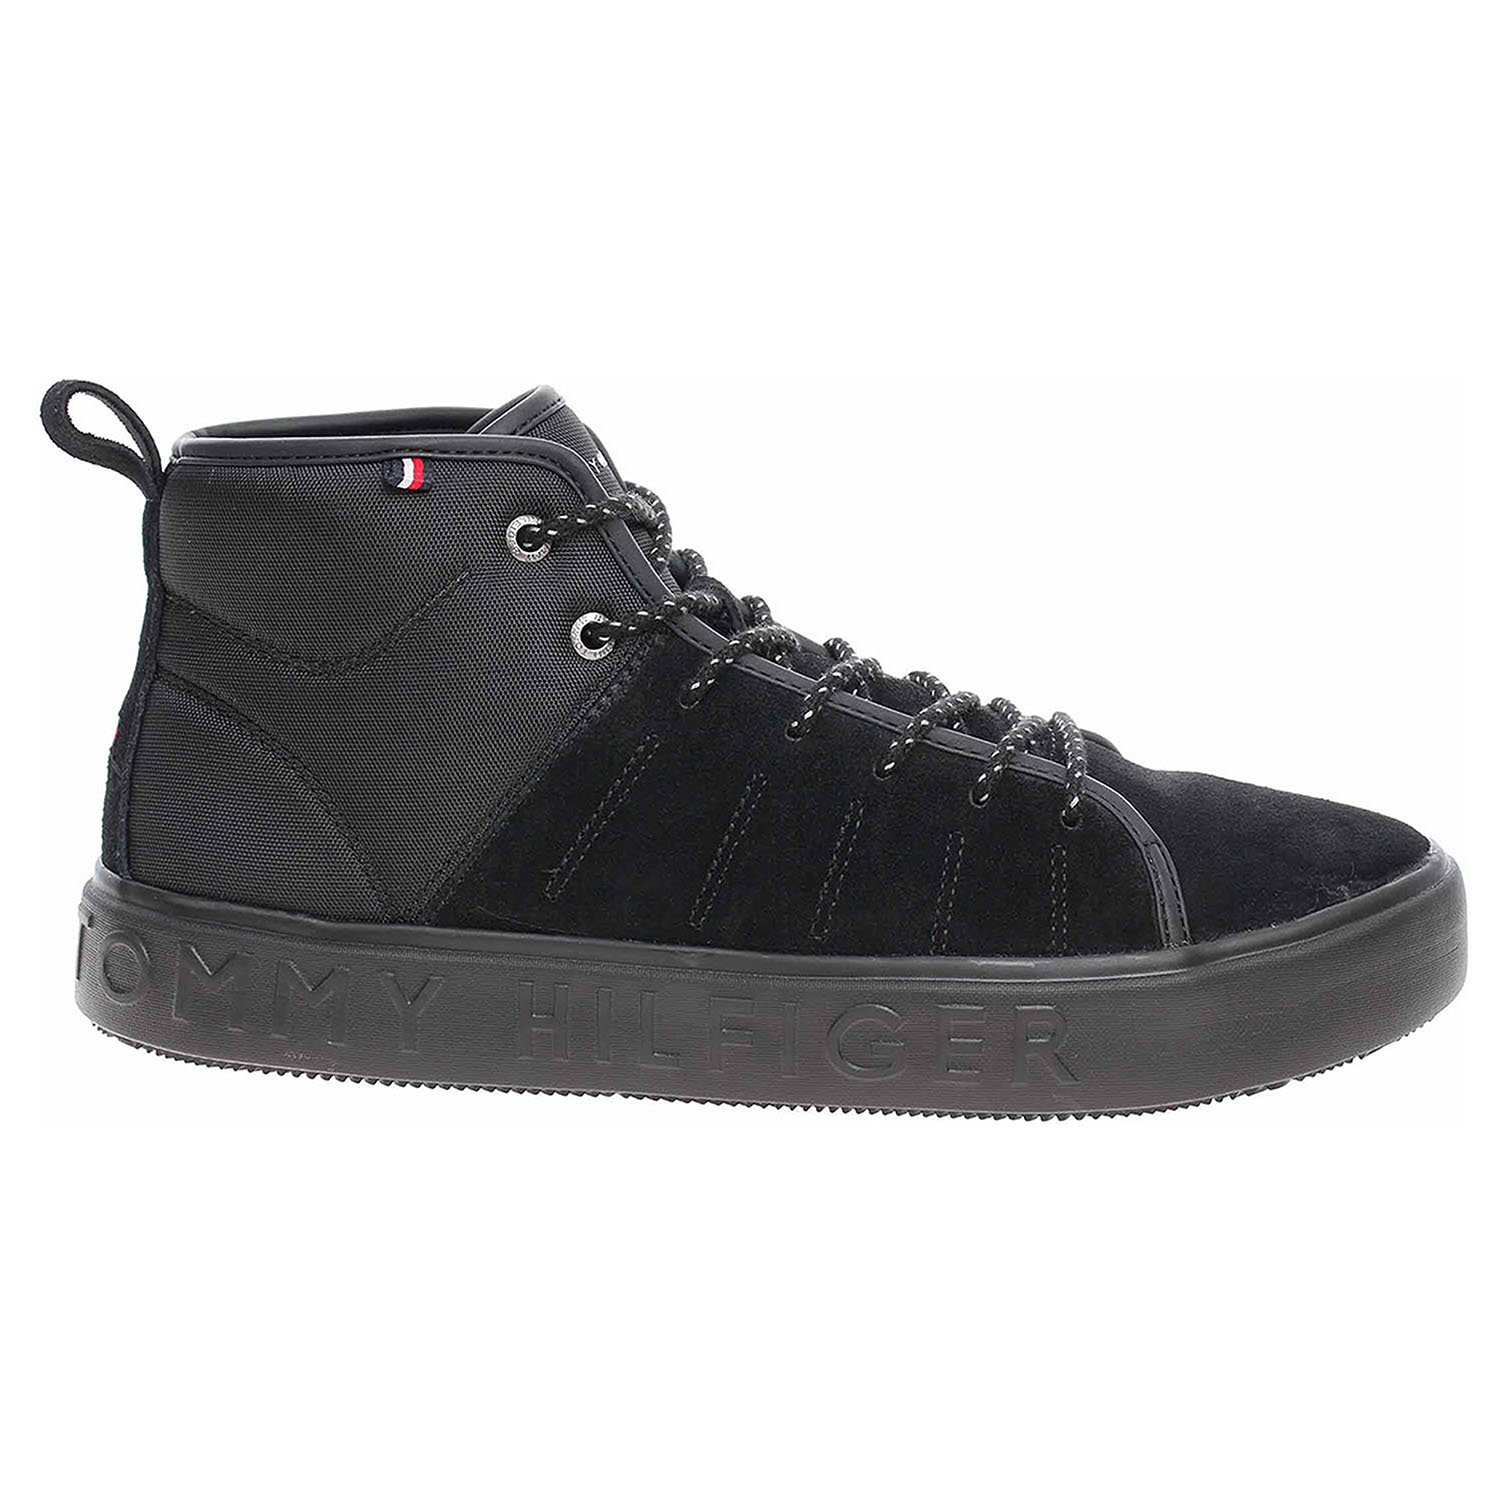 Pánská kotníková obuv Tommy Hilfiger FM0FM02393 990 black FM0FM02393 990 43